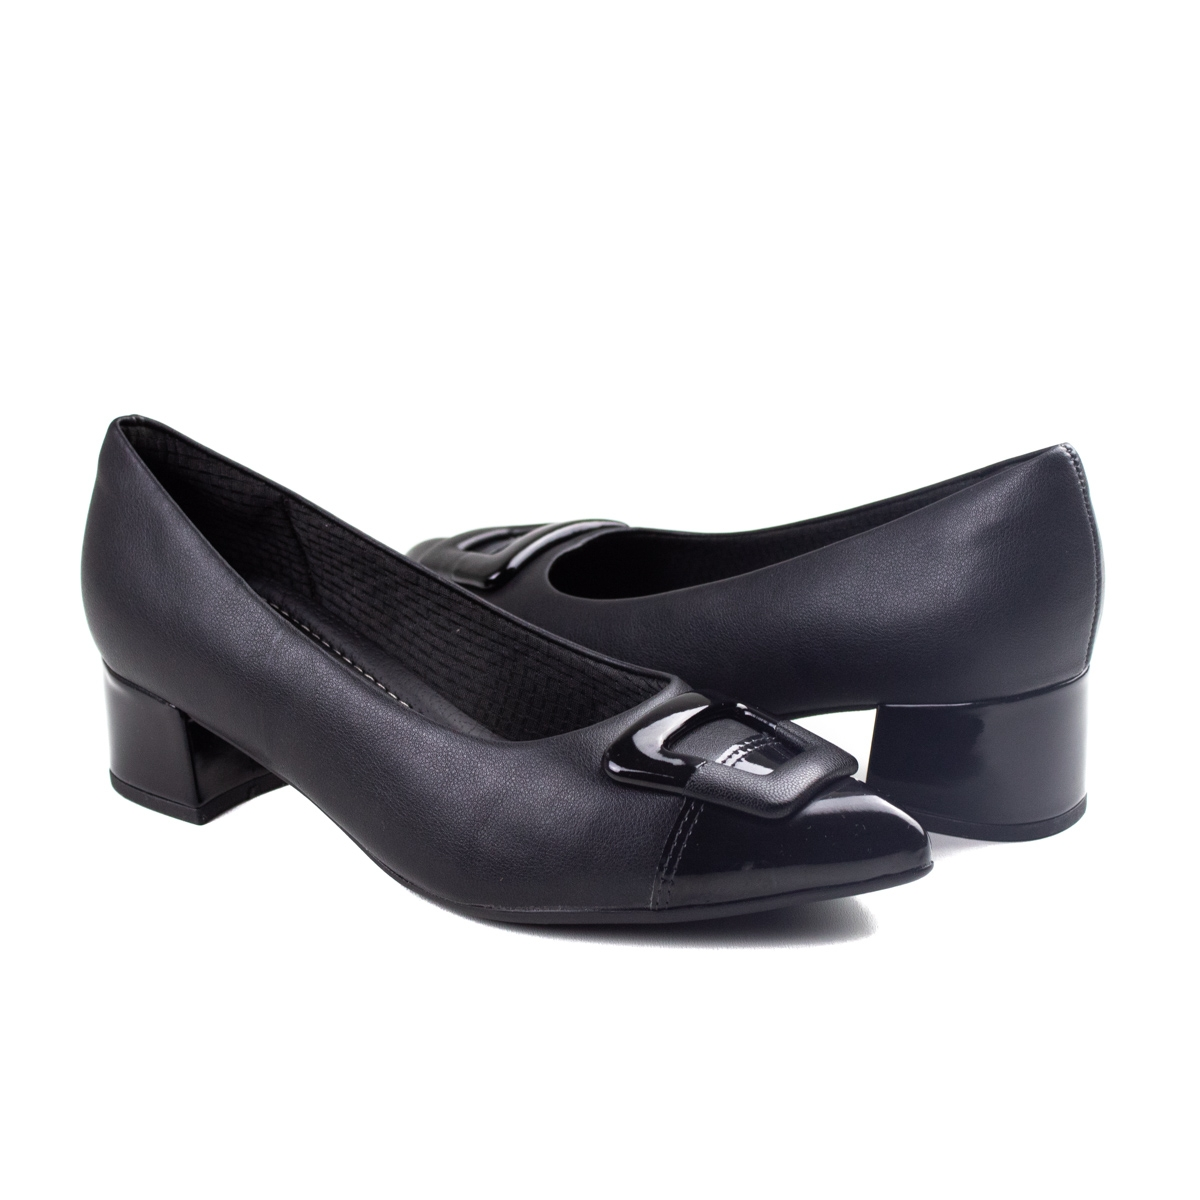 Sapato Bico Fino Feminino Piccadilly - Preto